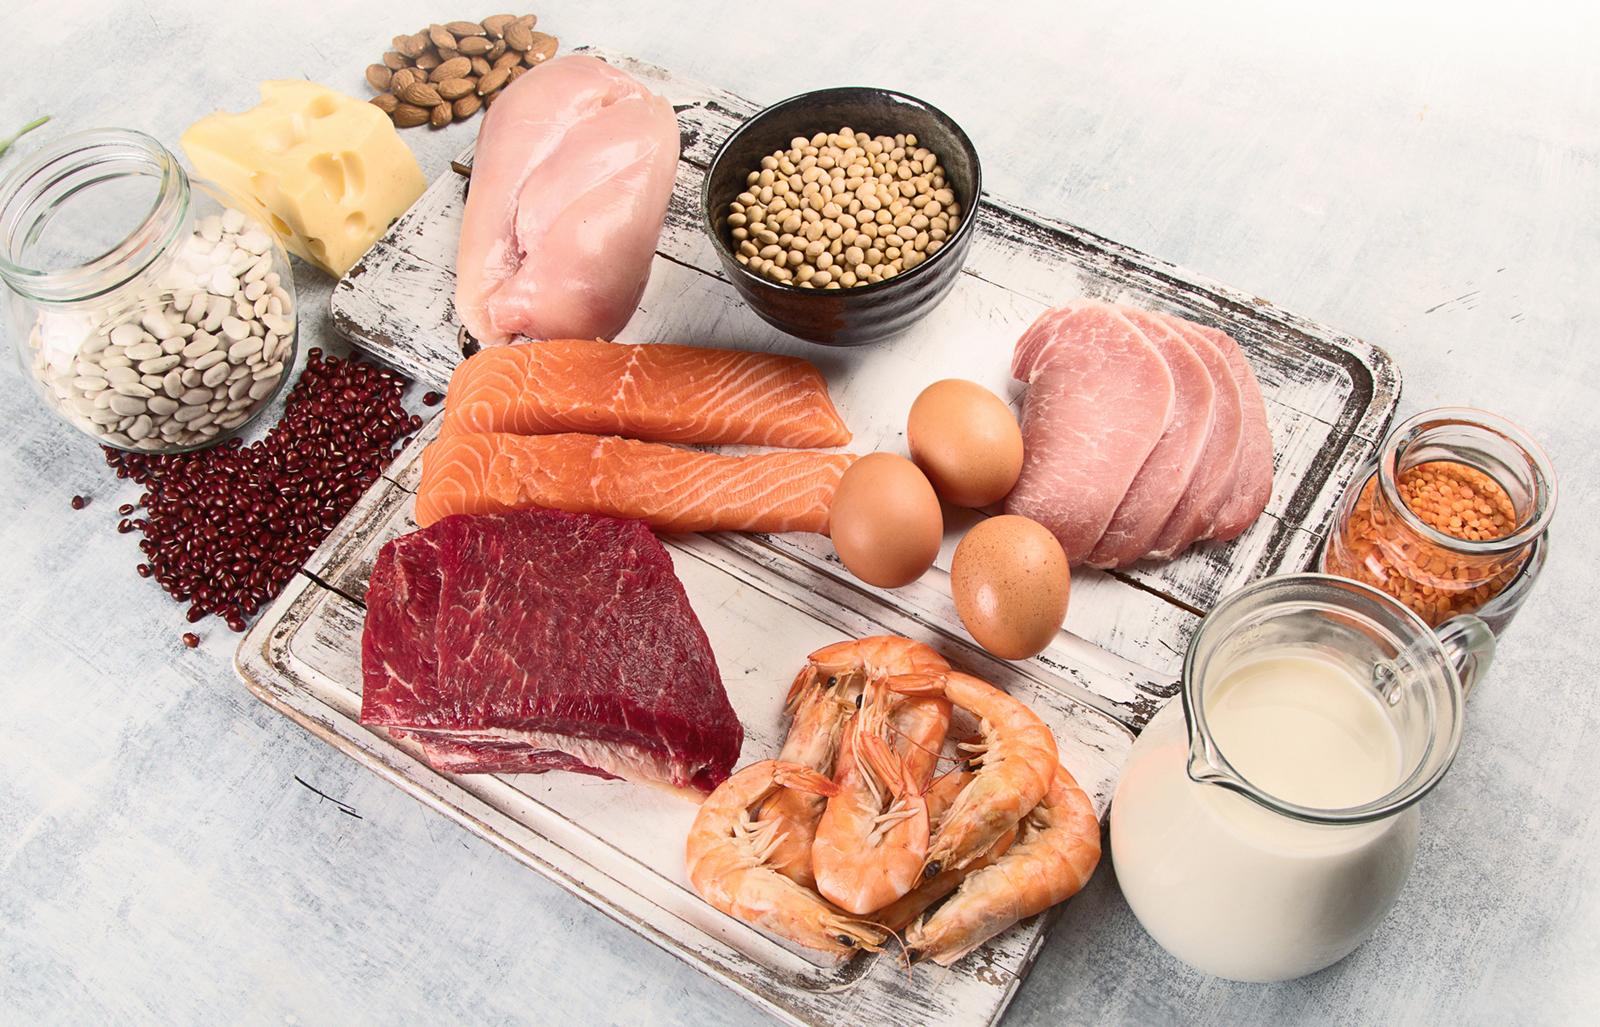 Какие Продукты Для Белковой Диеты. Меню для похудения на белковой диете. Список белковых продуктов